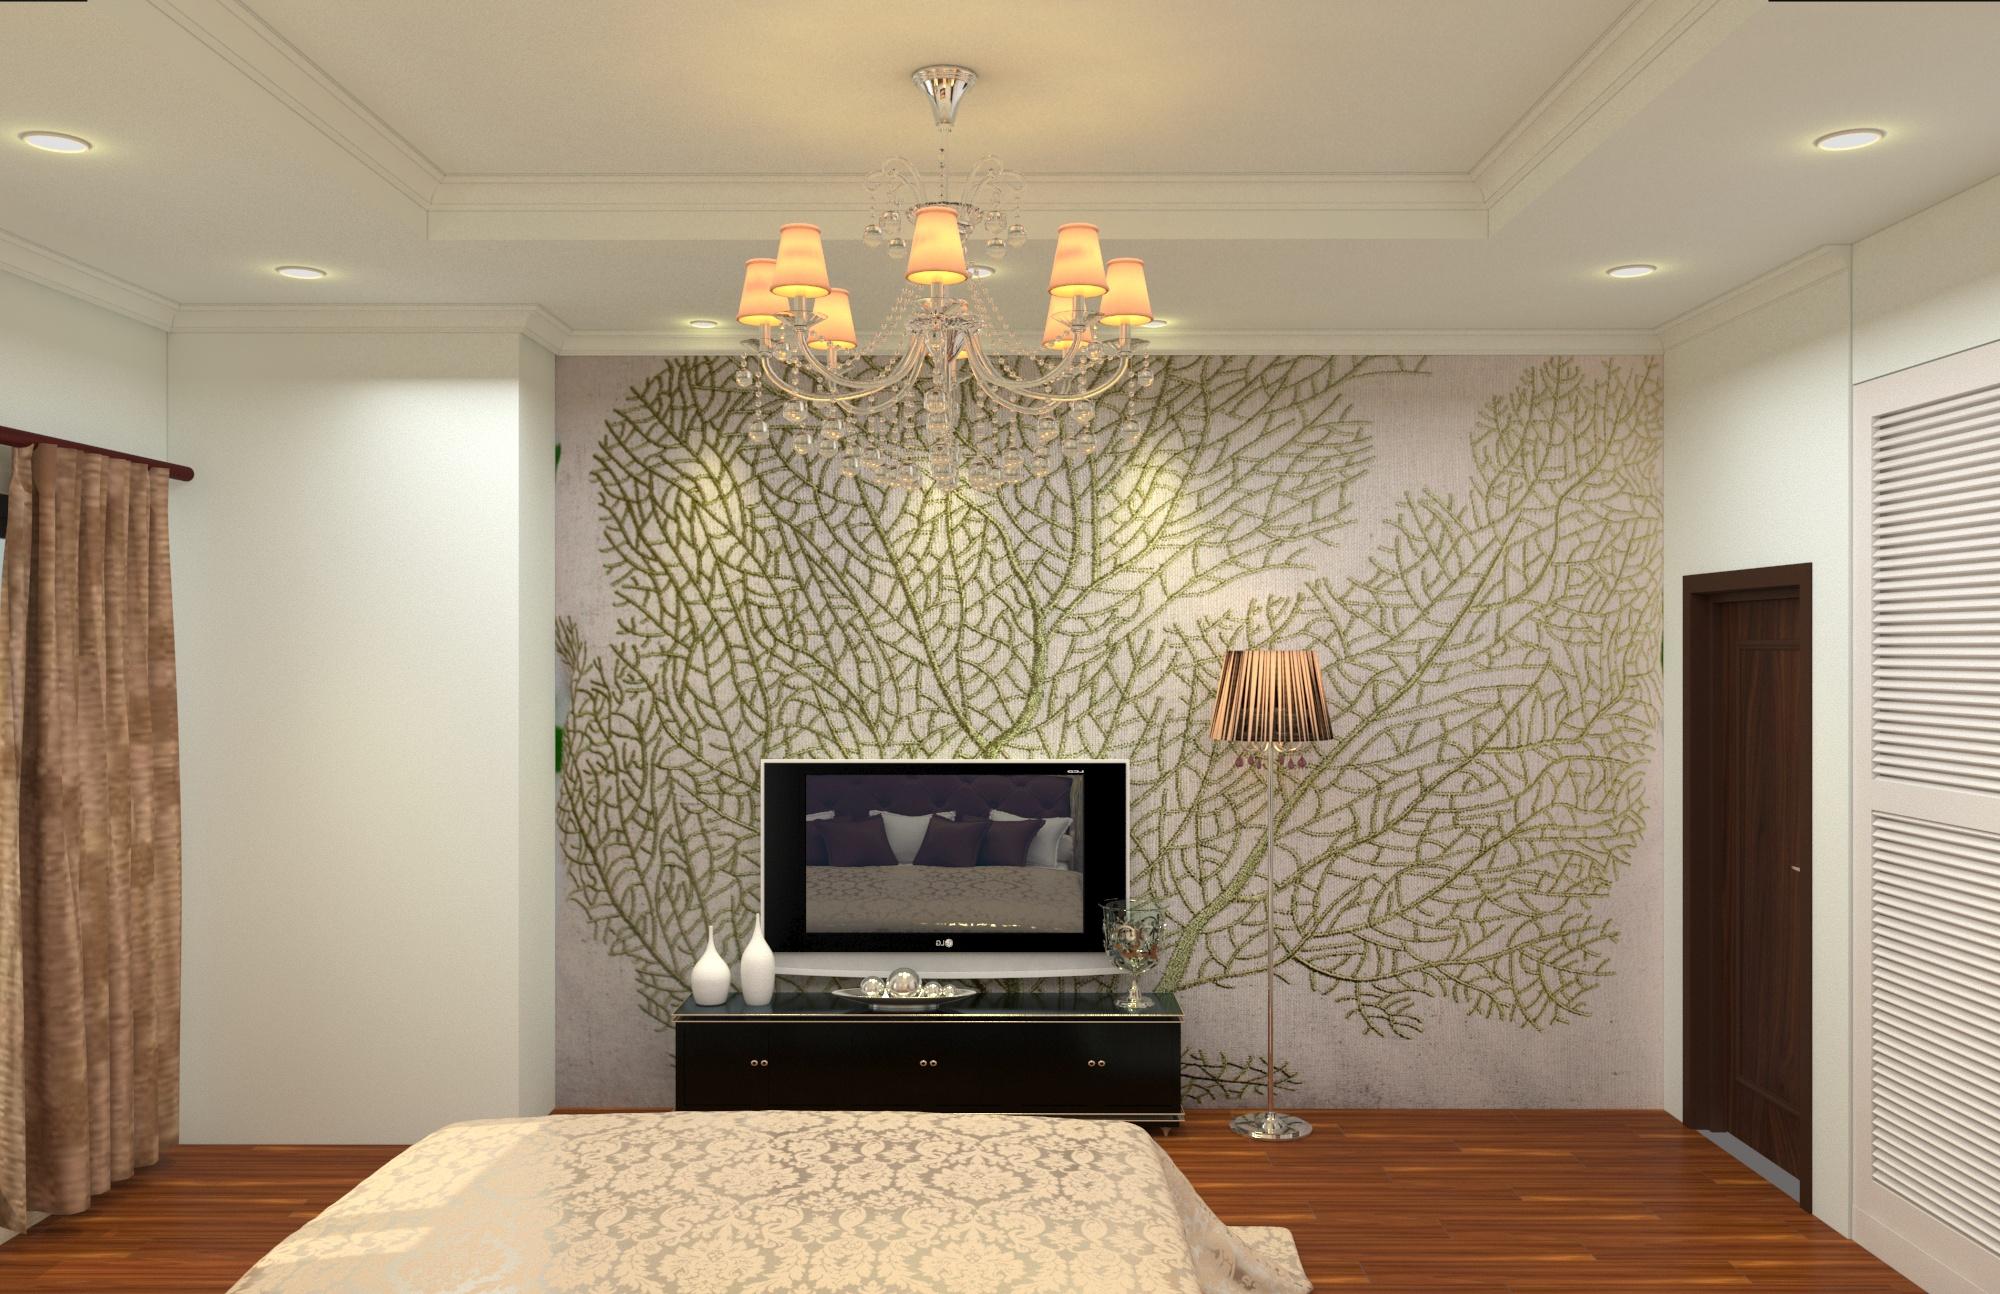 Thiết kế phòng ngủ khách sạn-chung cư